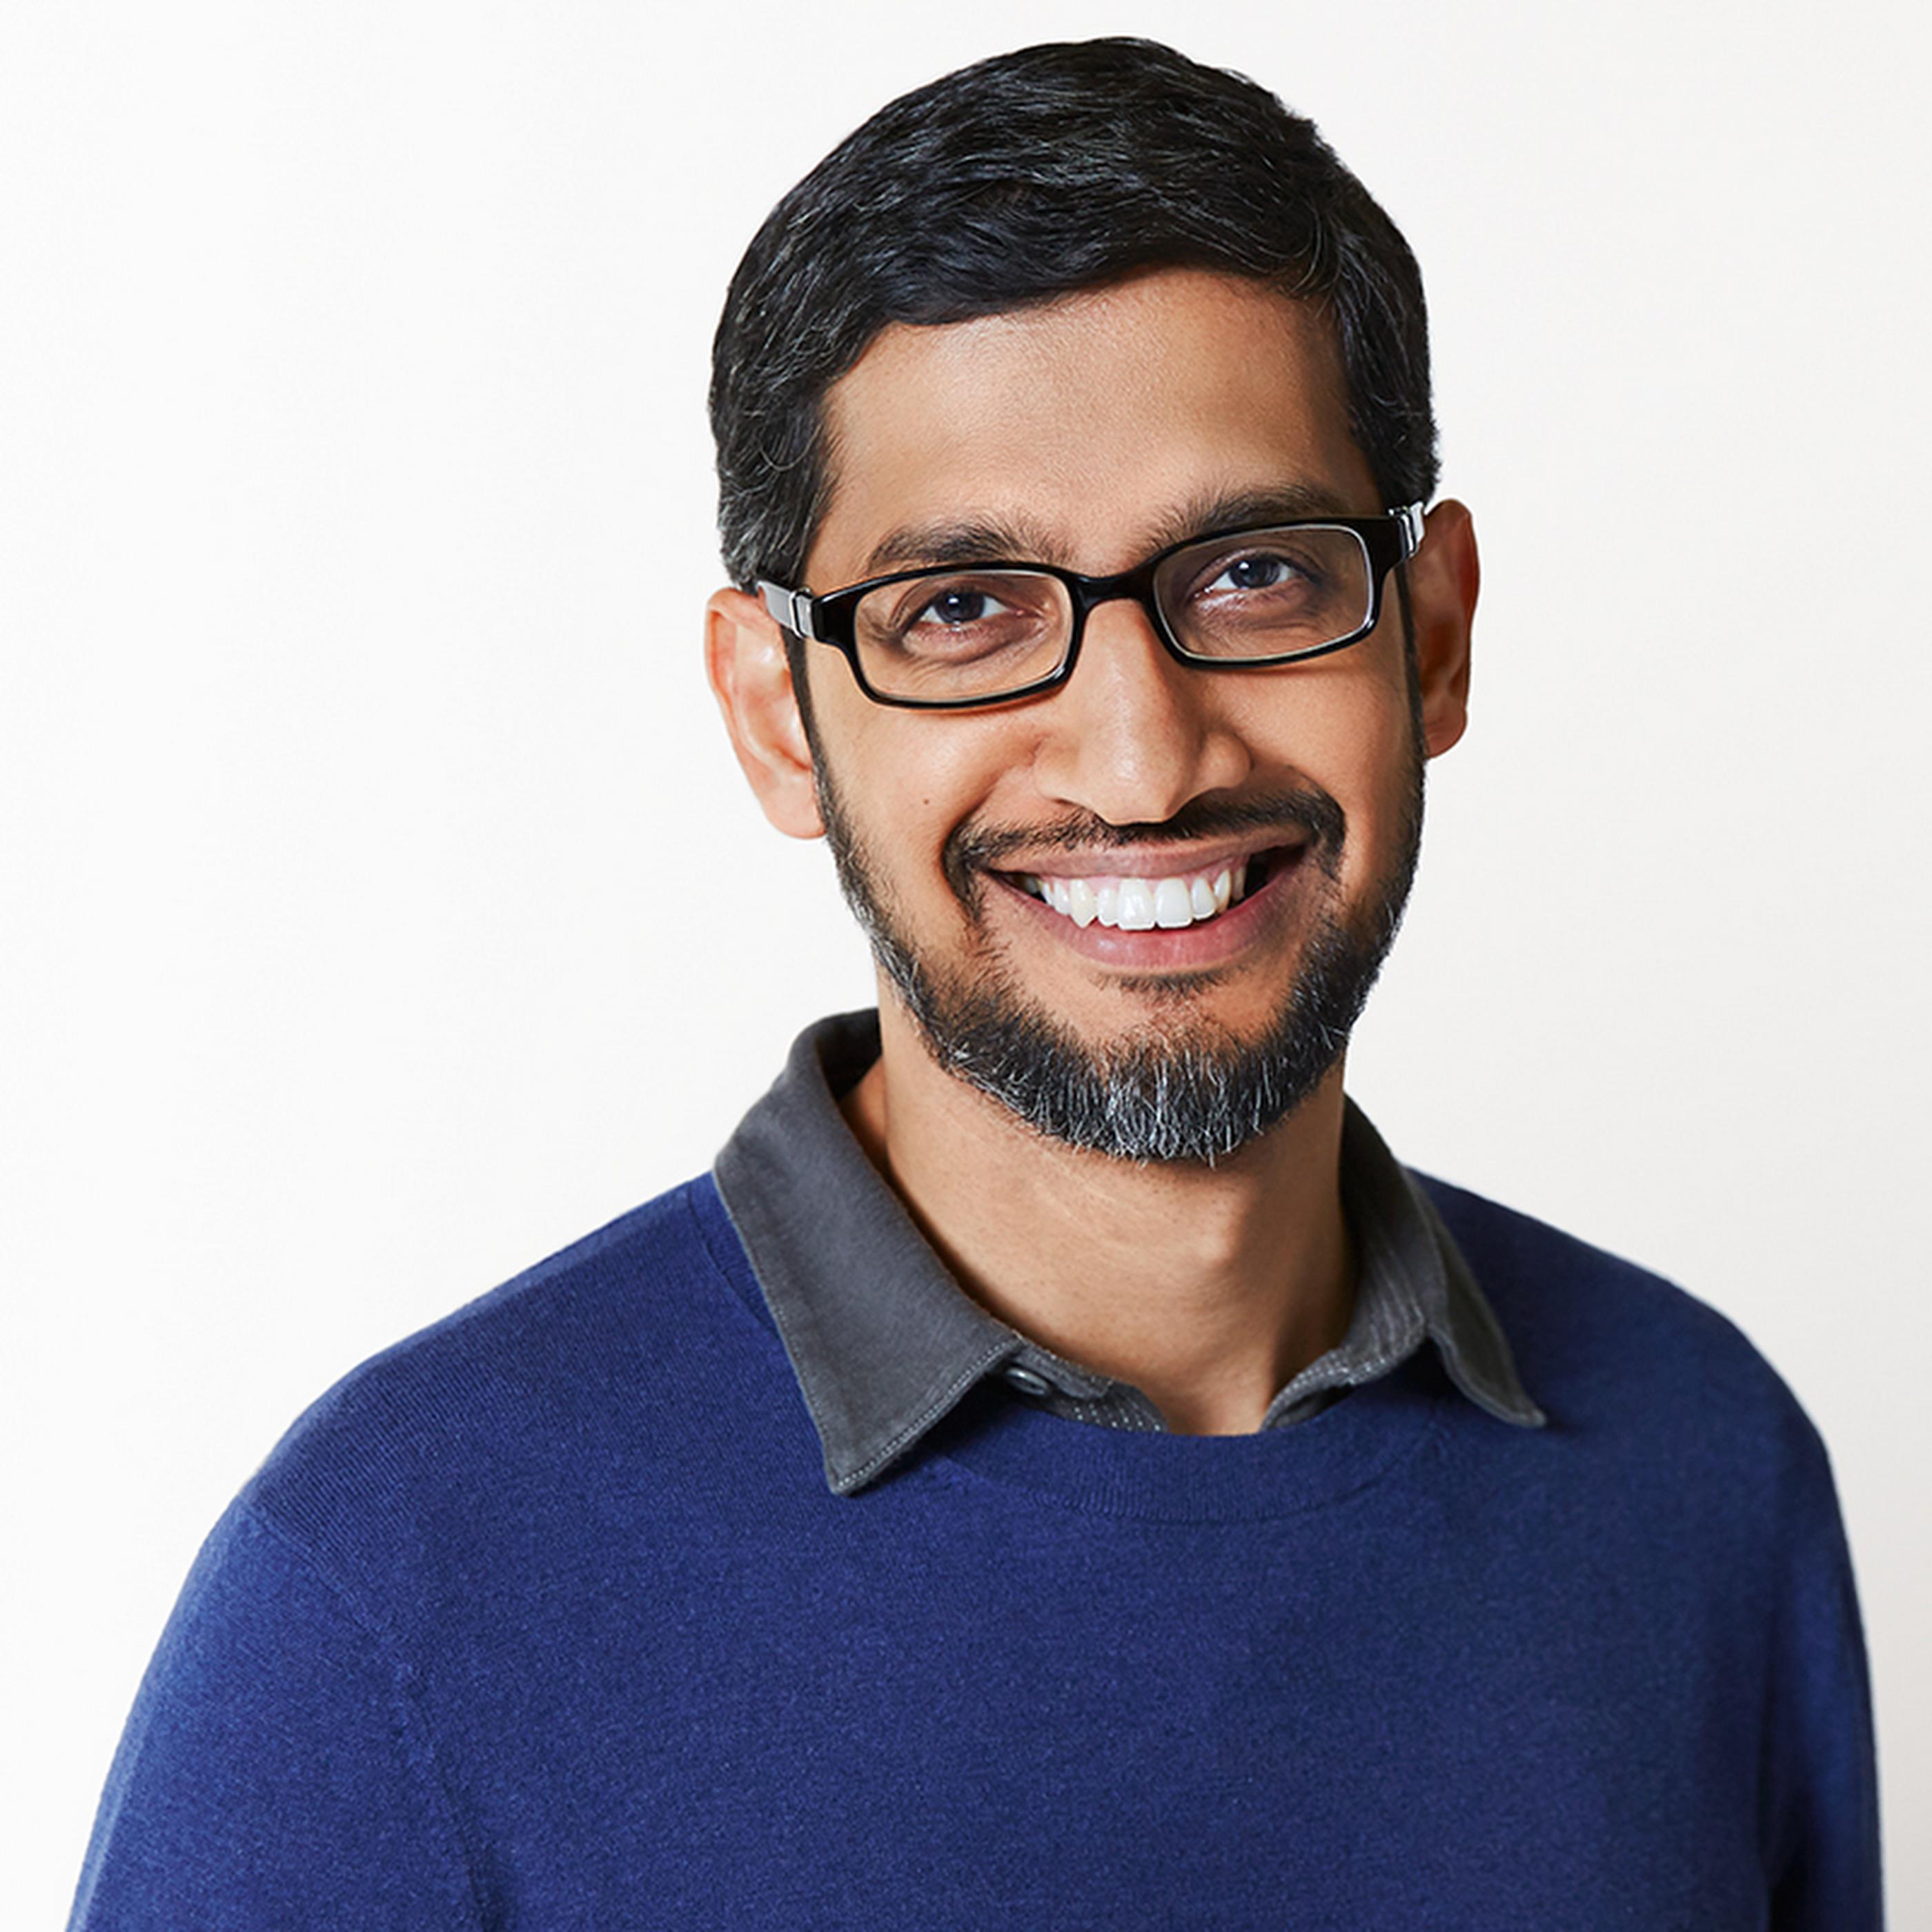 Seit August 2015 Chef von Google: Sundar Pichai